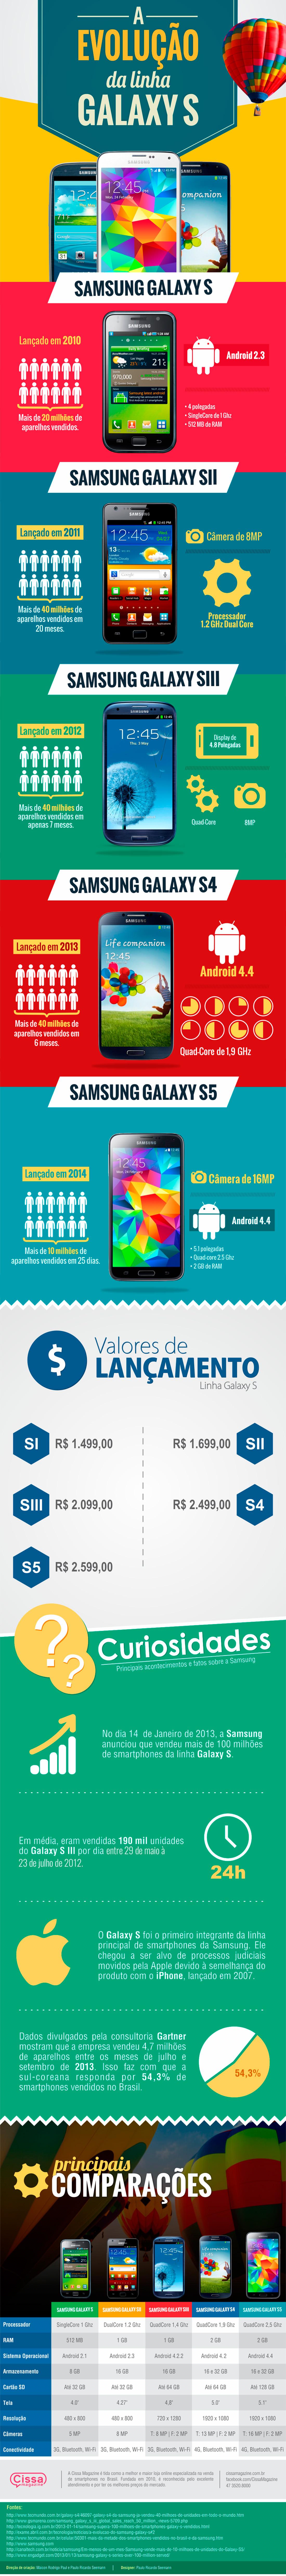 Infográfico mostra a evolução da linha Samsung Galaxy S ao longo dos anos